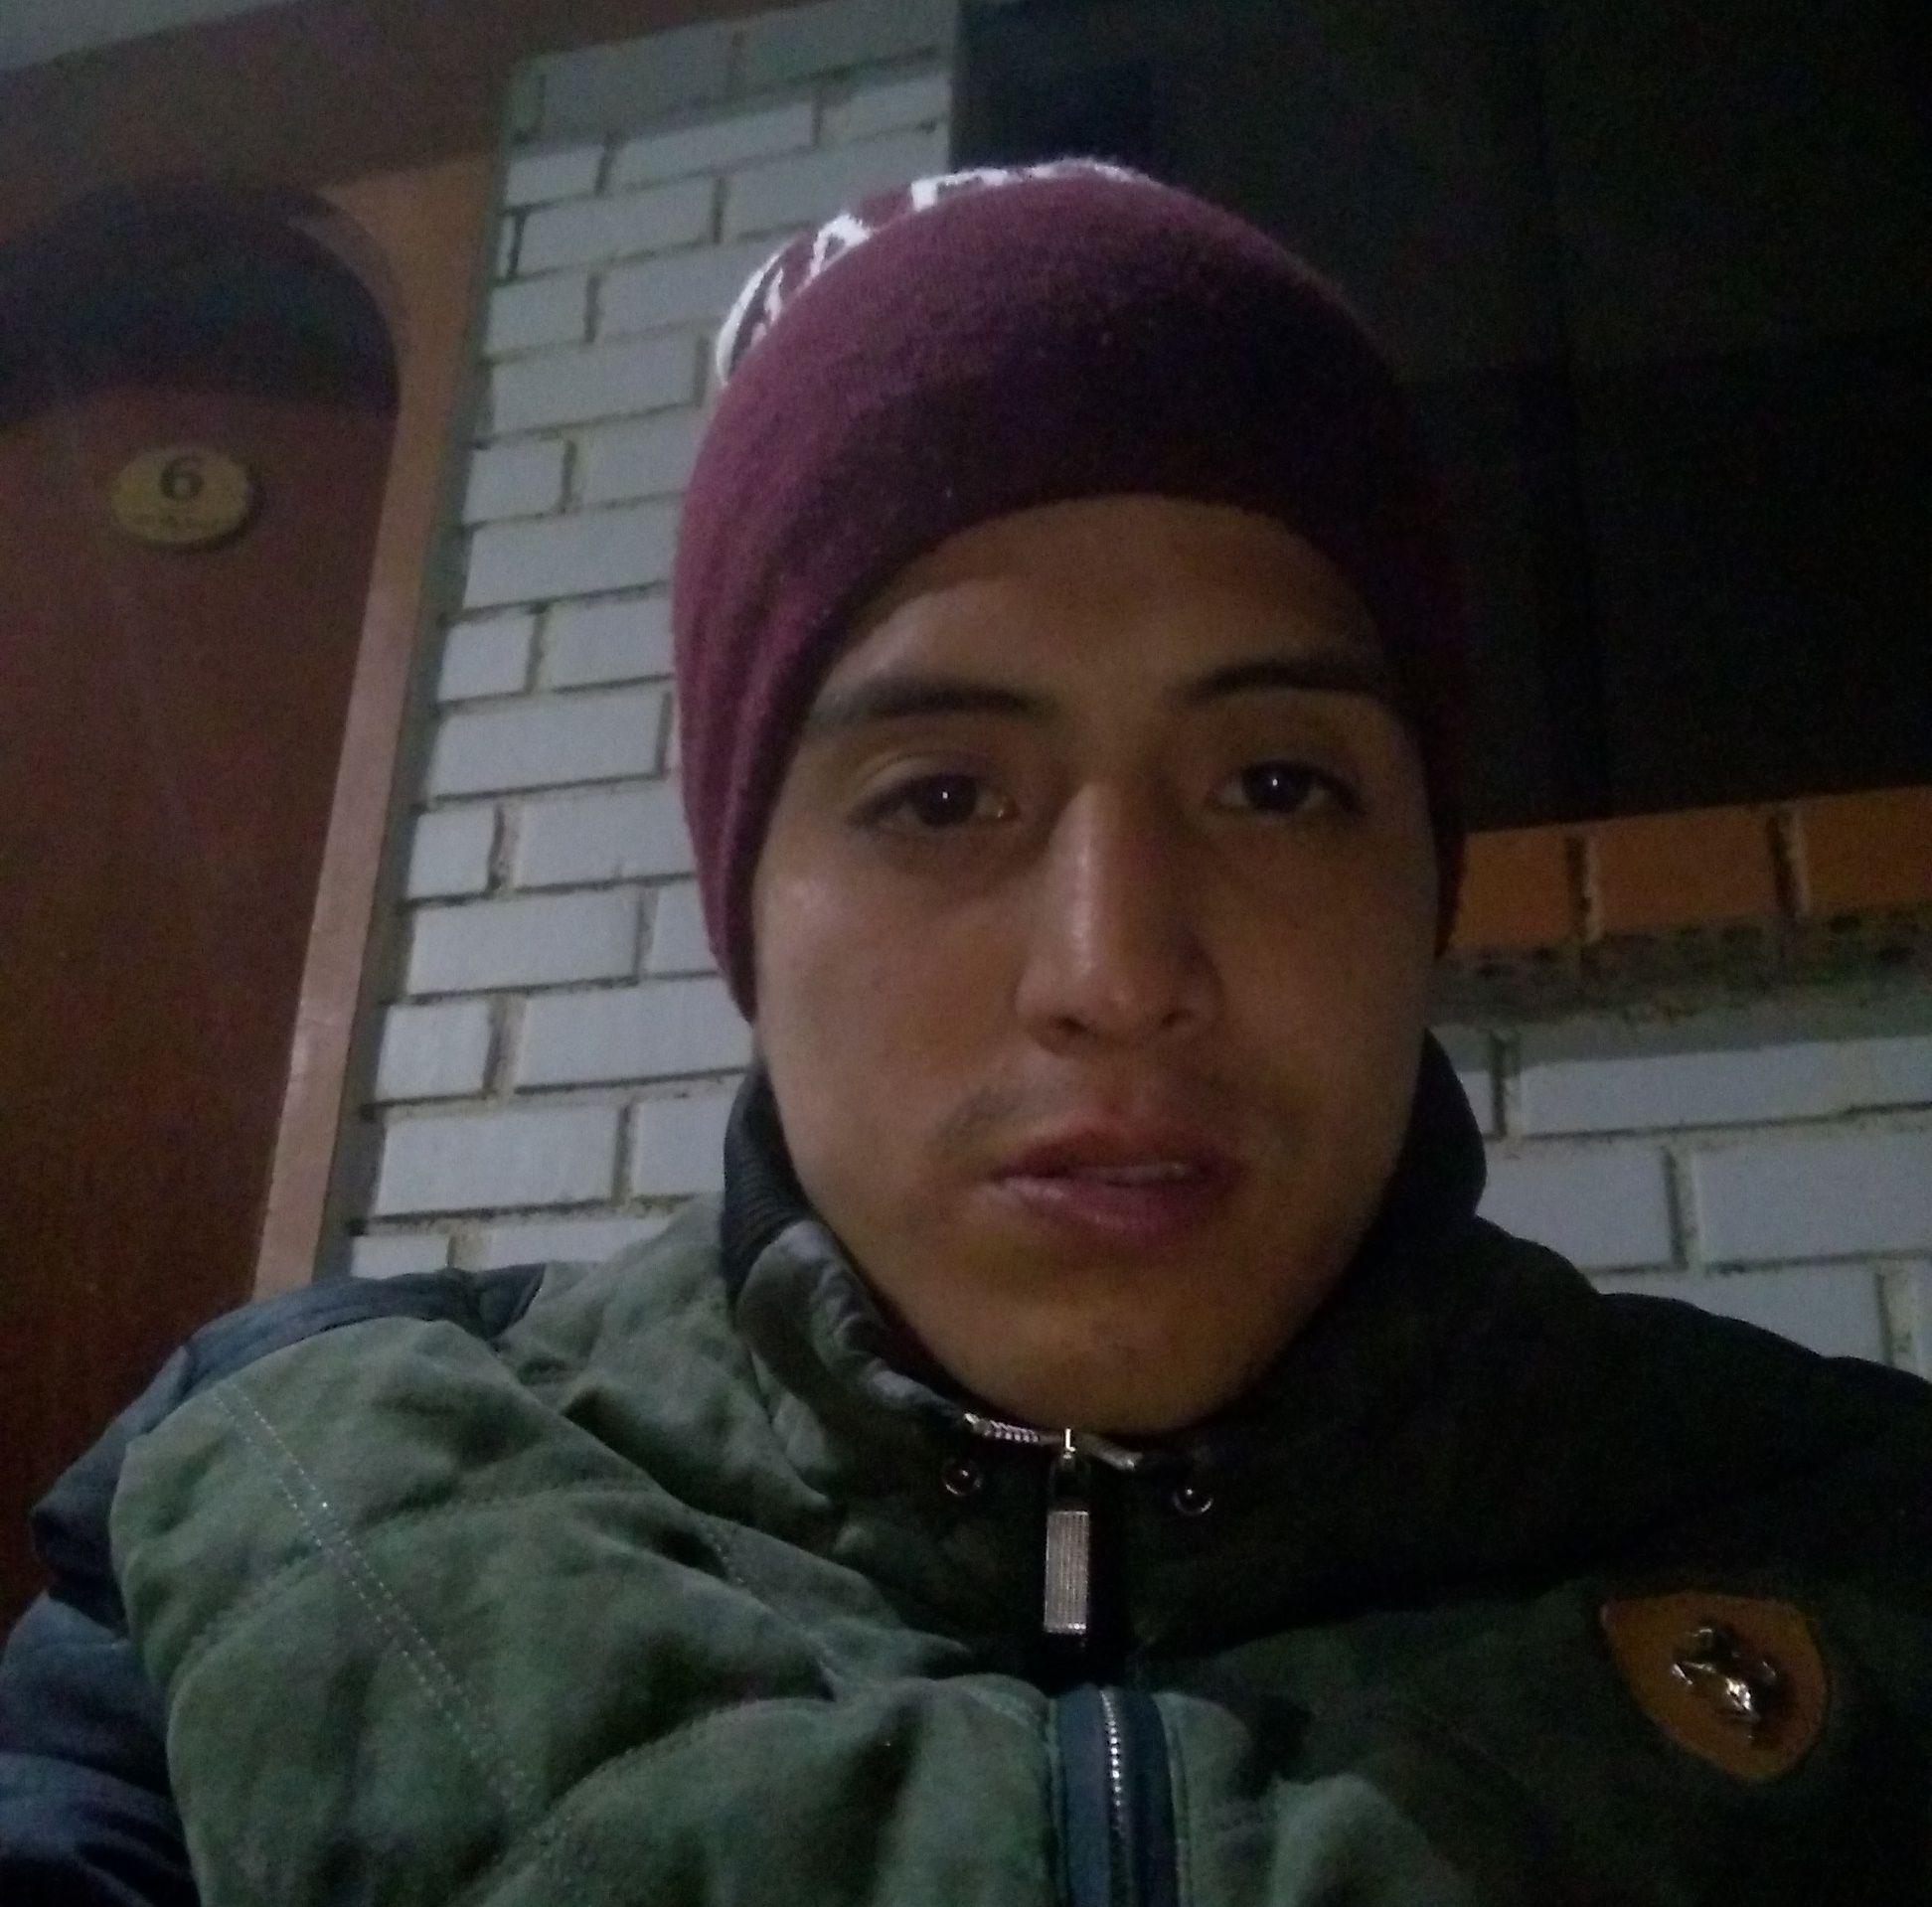 El joven padre de familia, Percy Ramiro Ygnacio Gutiérrez (28), fue asesinado a ladrillazos en una casa abandonada.